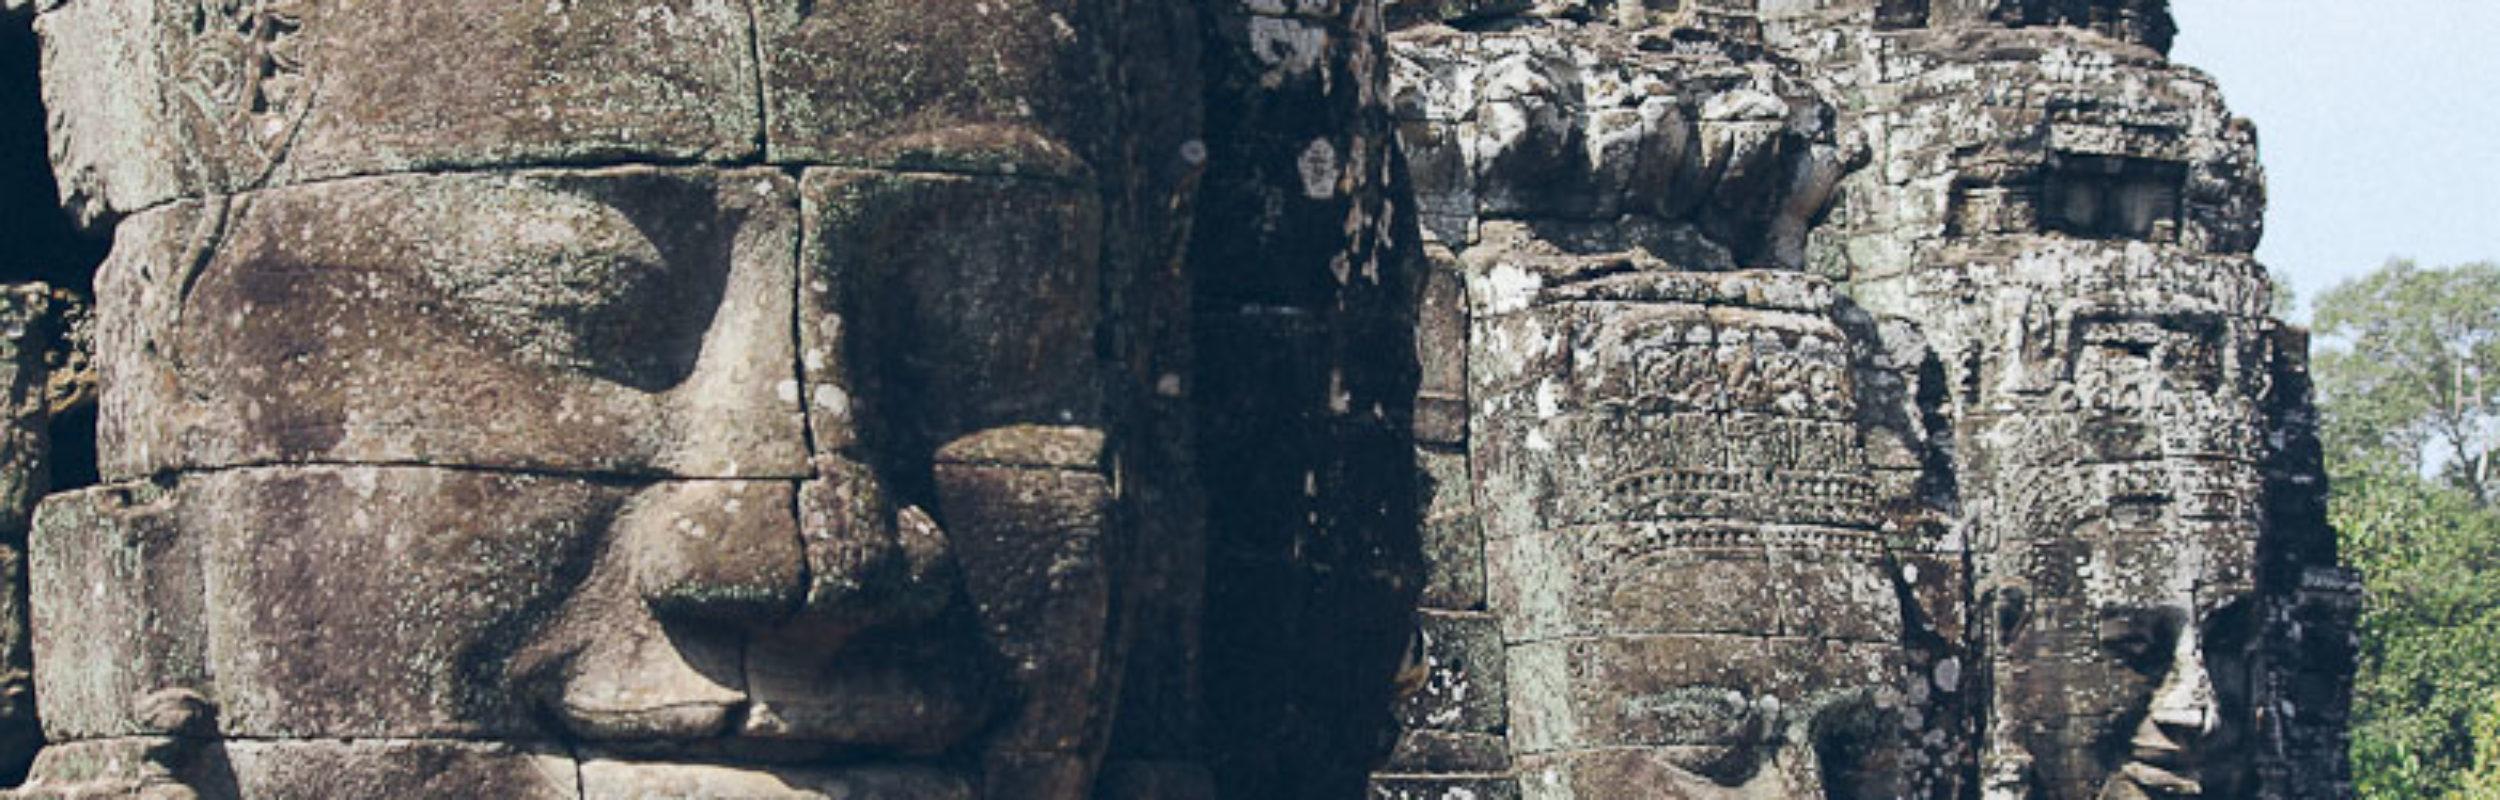 3 jours à Angkor #3 : lever du soleil sur Angkor Vat, le Baphuon et le Bayon